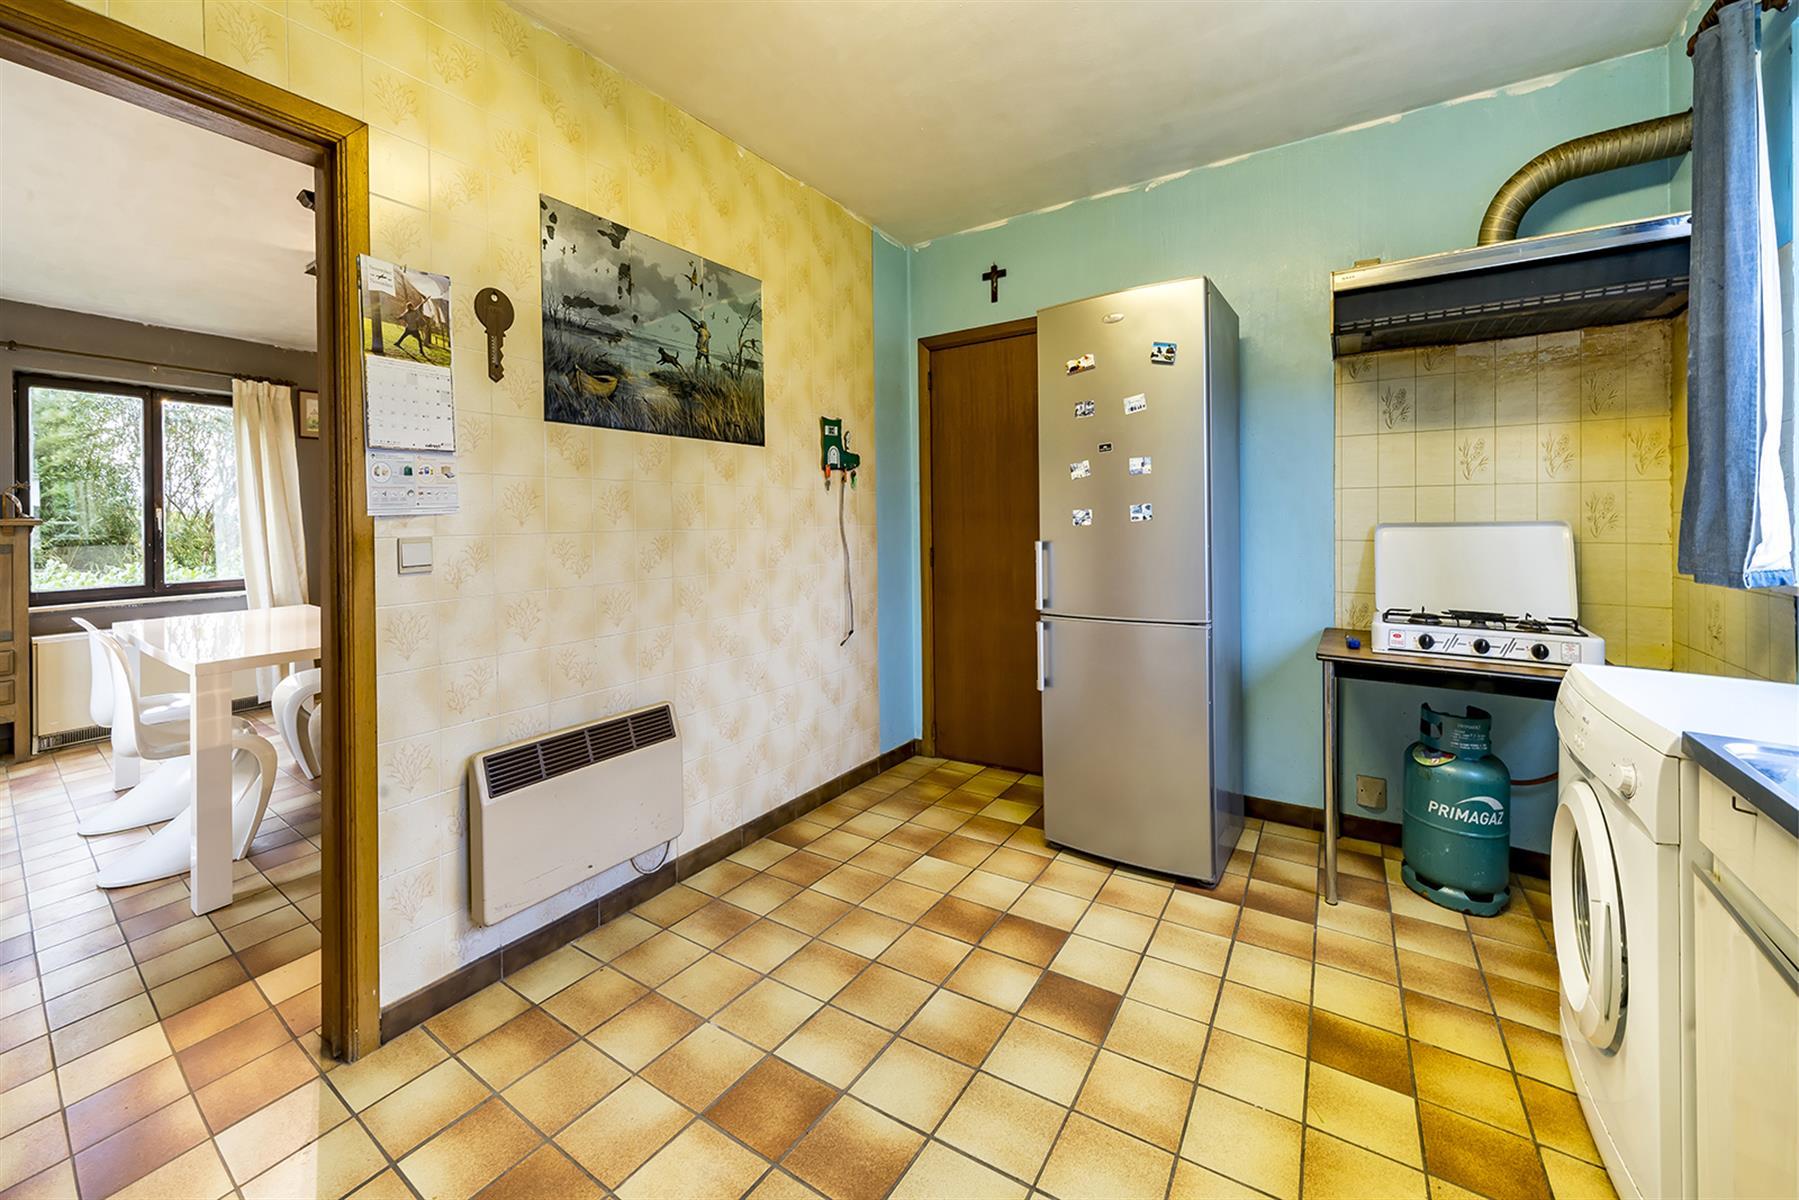 Maison unifamiliale - Orp-Jauche - #3623125-6